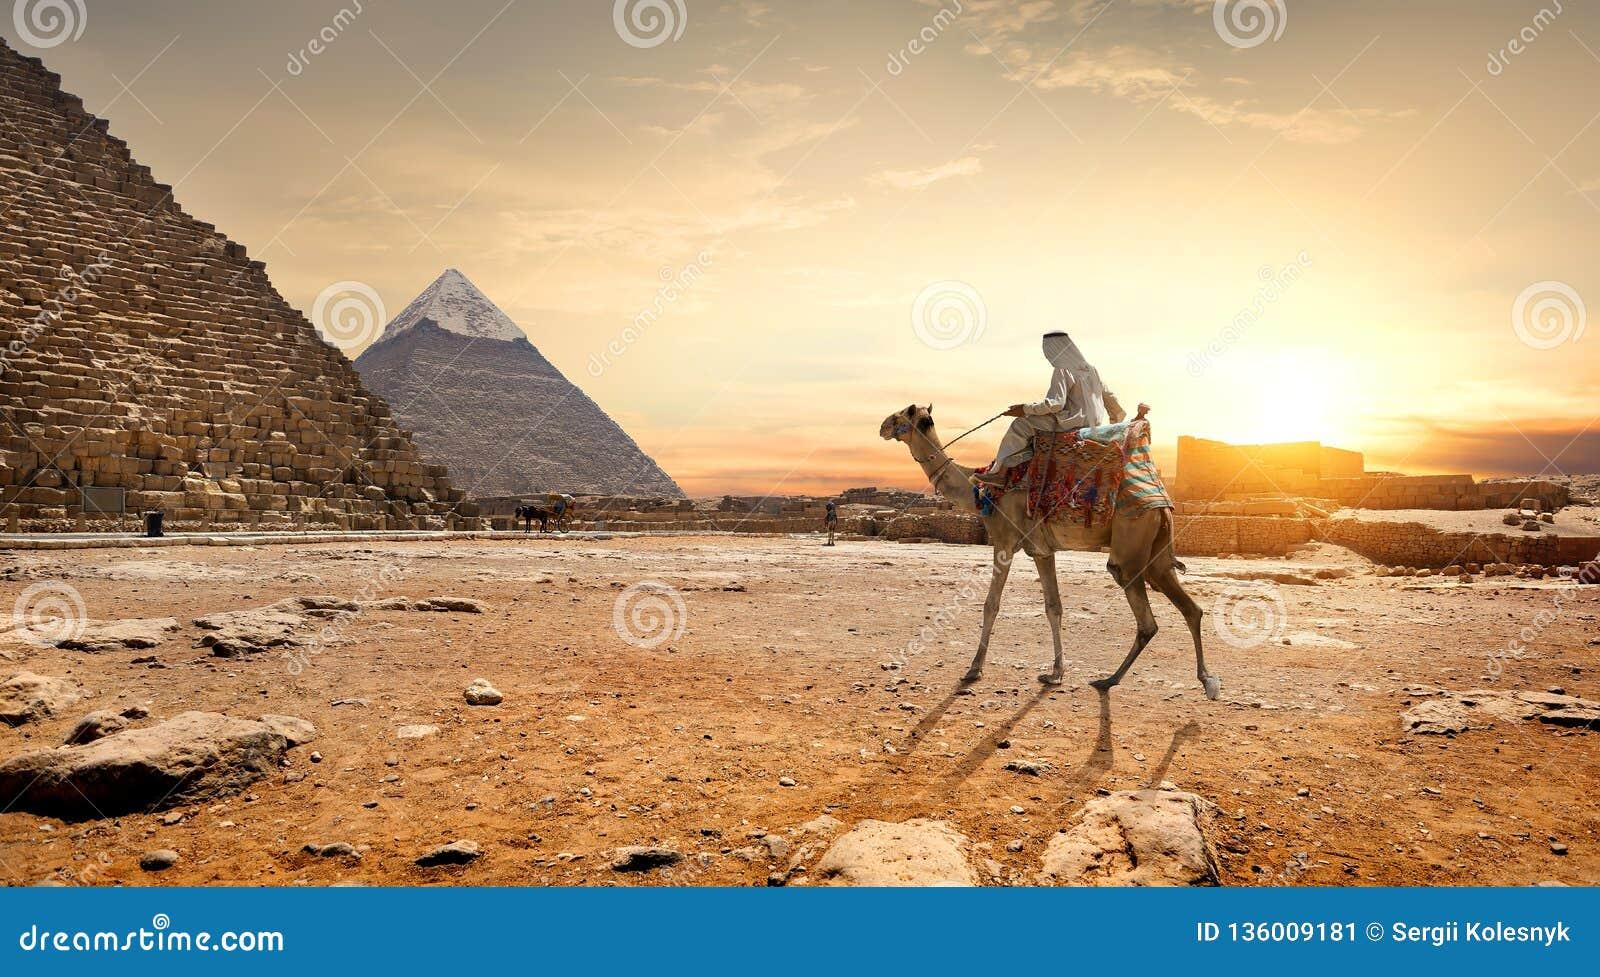 Pyramiden gestalten Ägypten landschaftlich